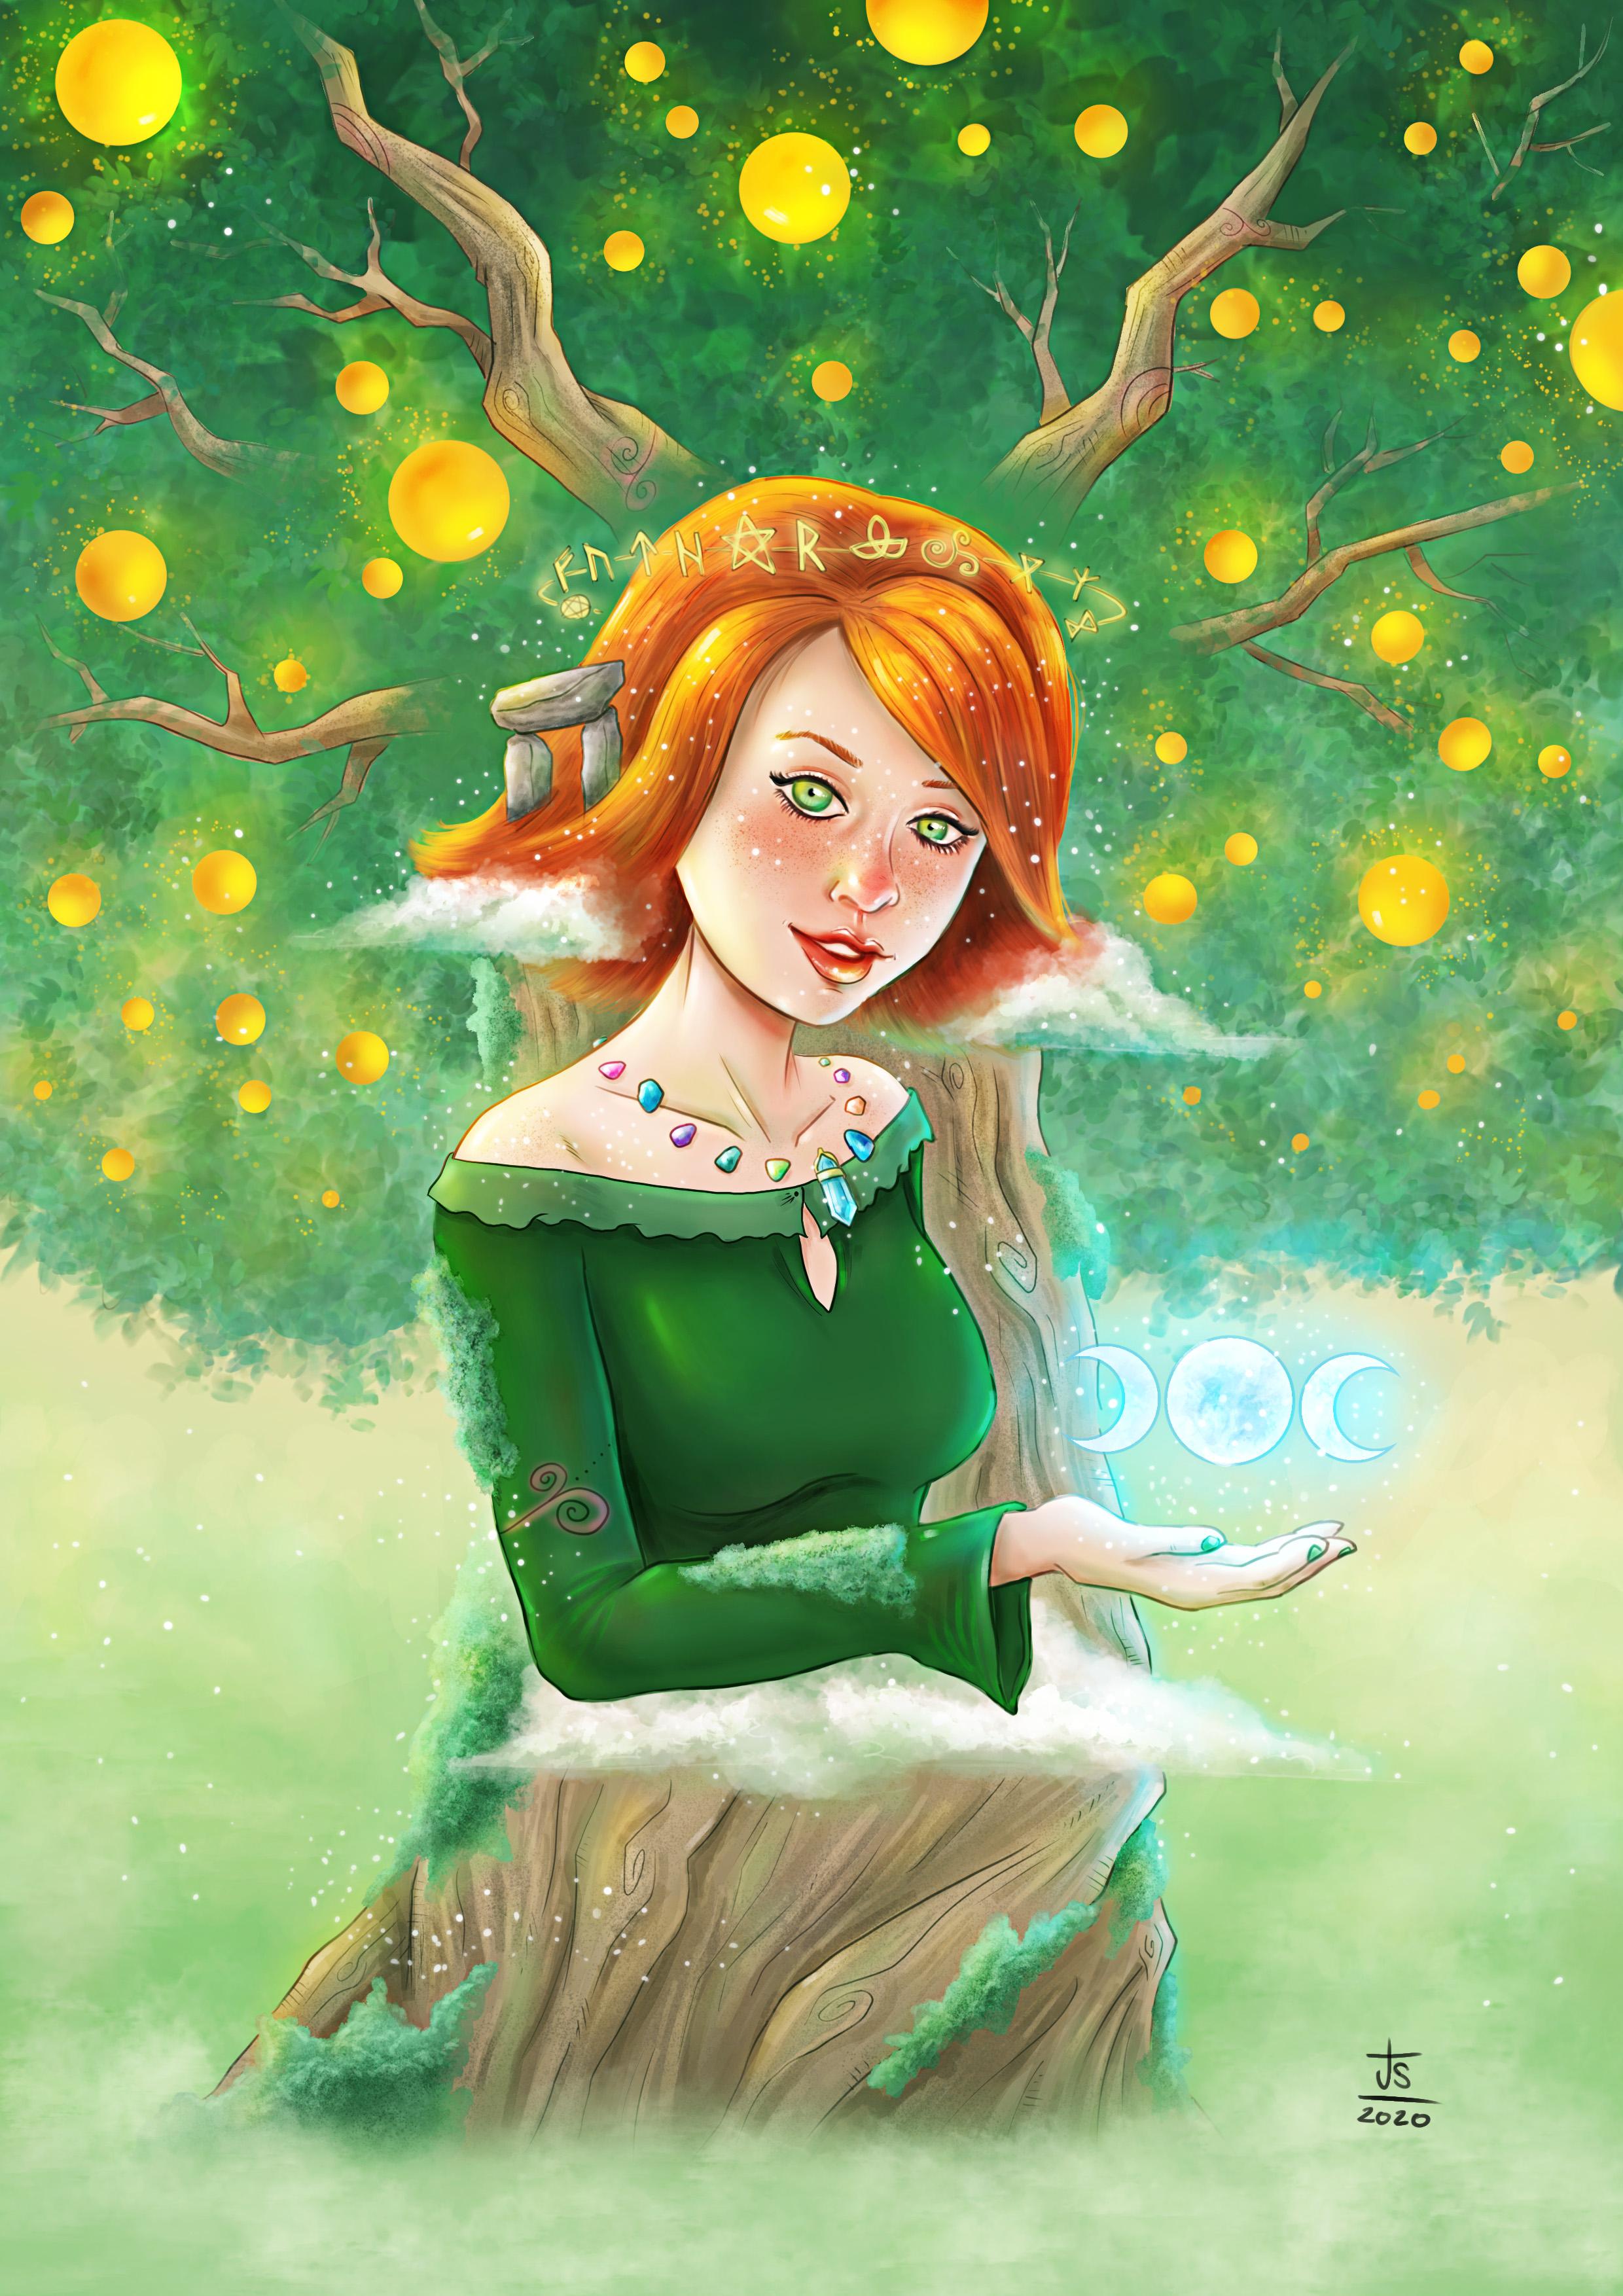 willow, rosenberg, alyson hannigan, art, digital, illustration, fanart, fantasy, jose sender, buffy, btvs,